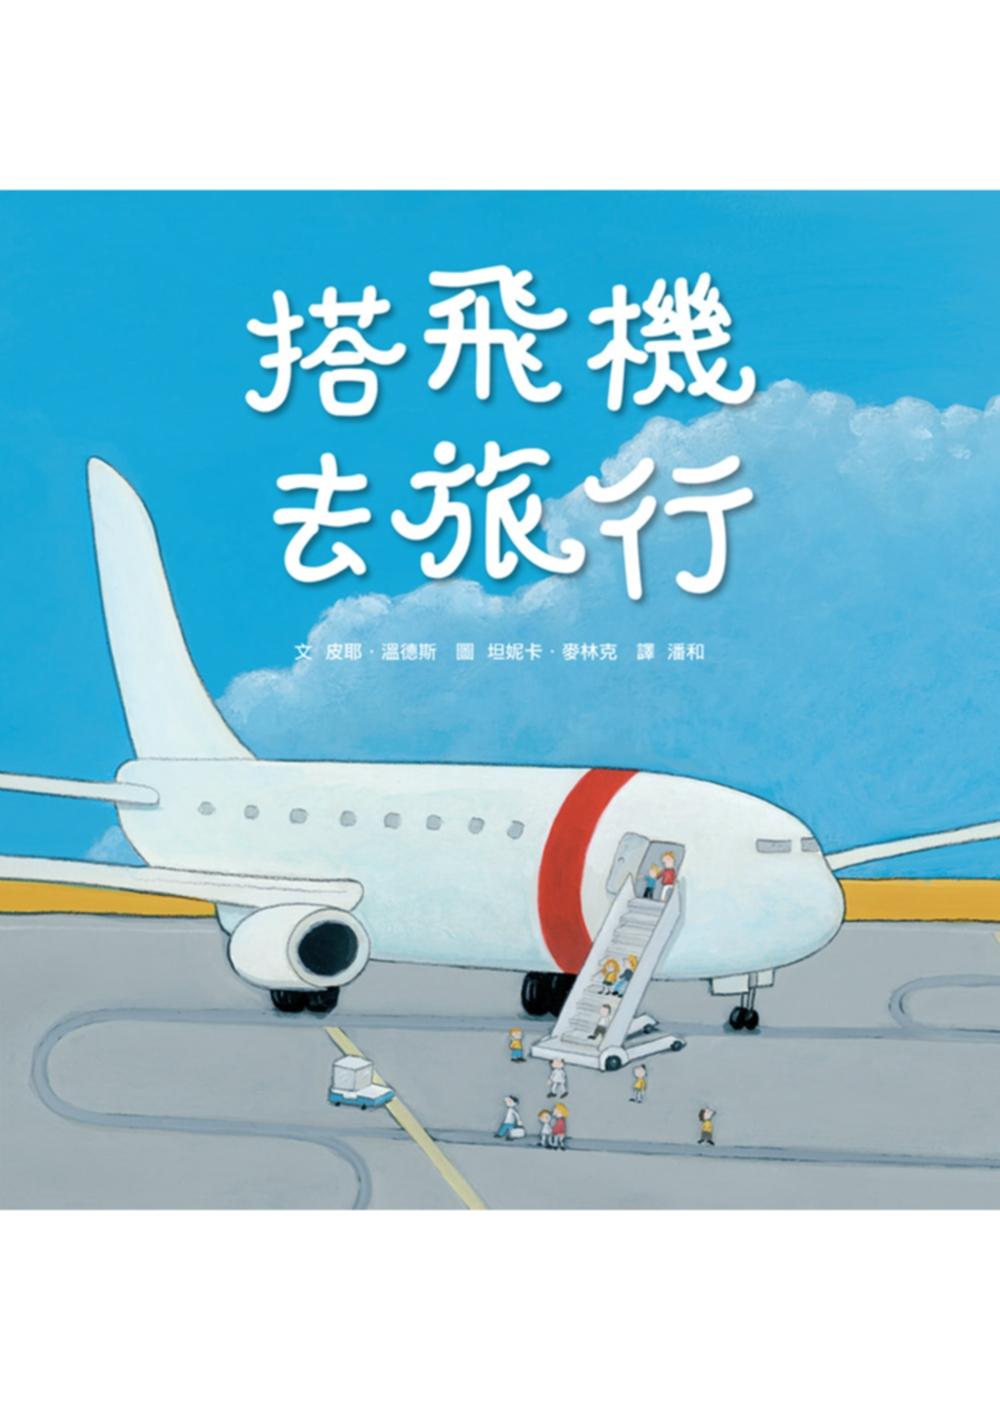 搭飛機去旅行